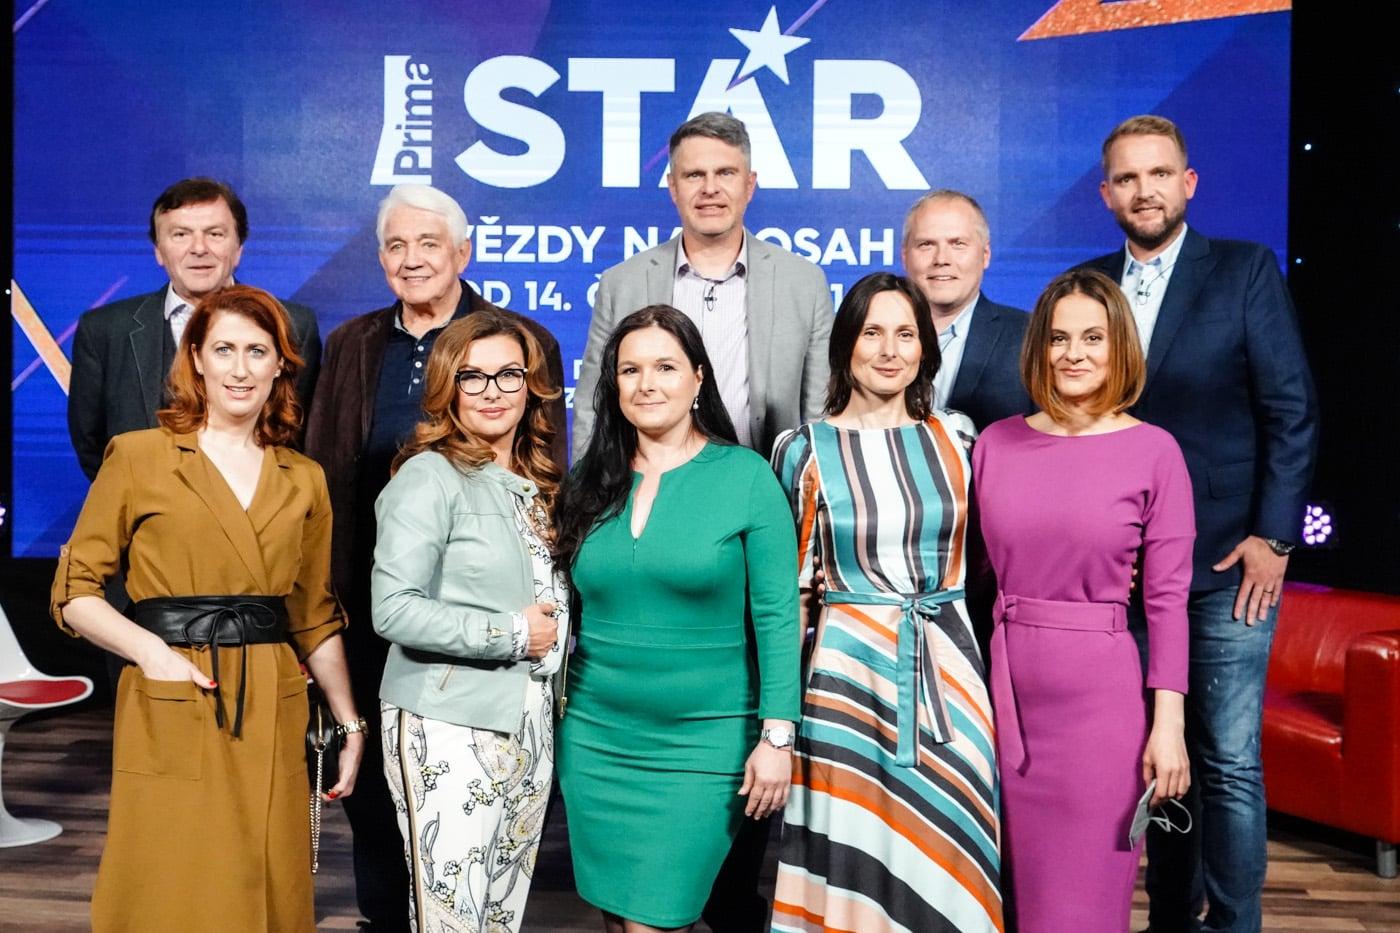 Prima Star